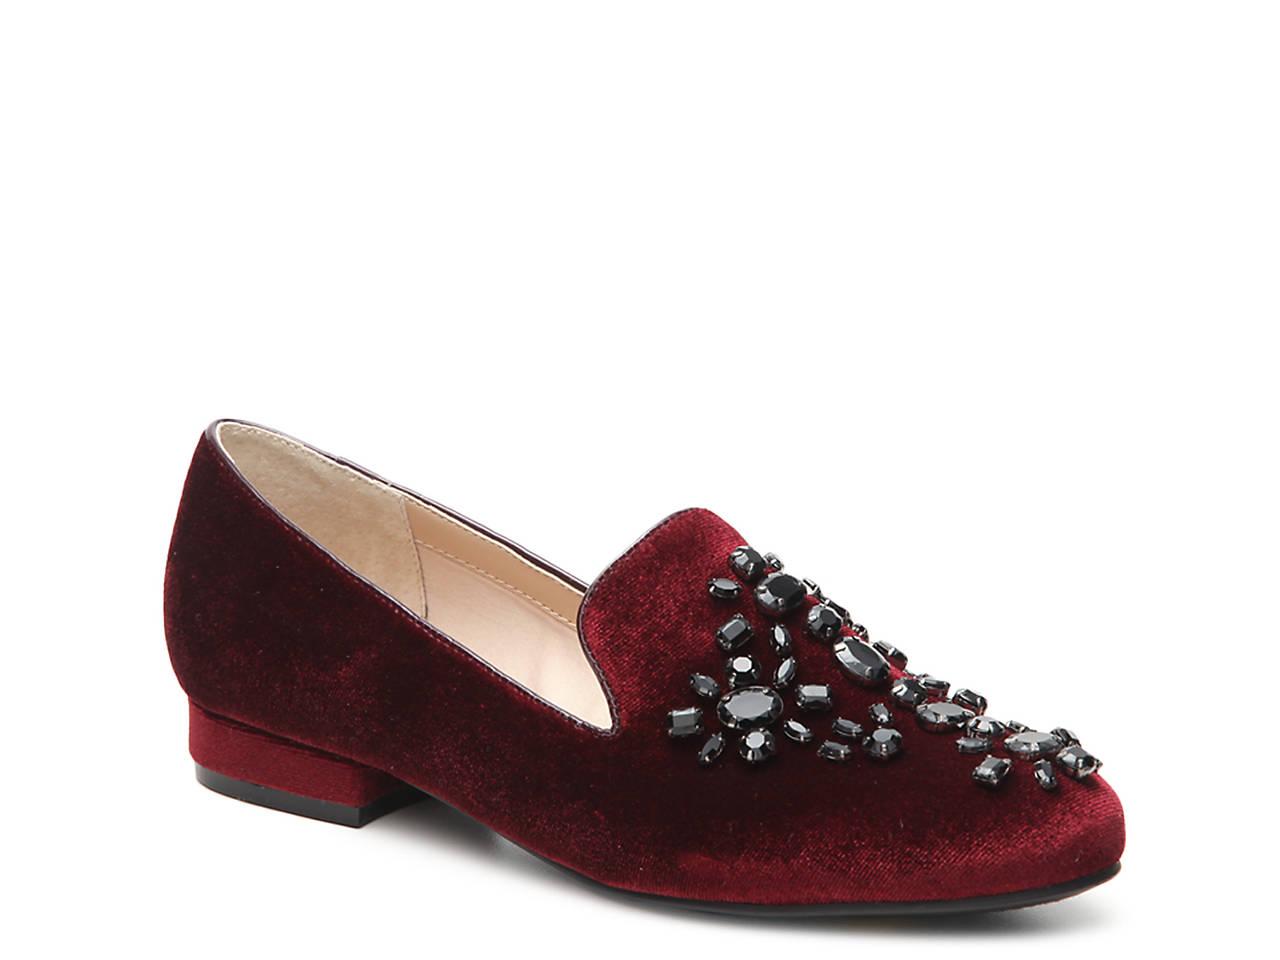 c16e7622d Unisa Libli Velvet Loafer Women's Shoes | DSW